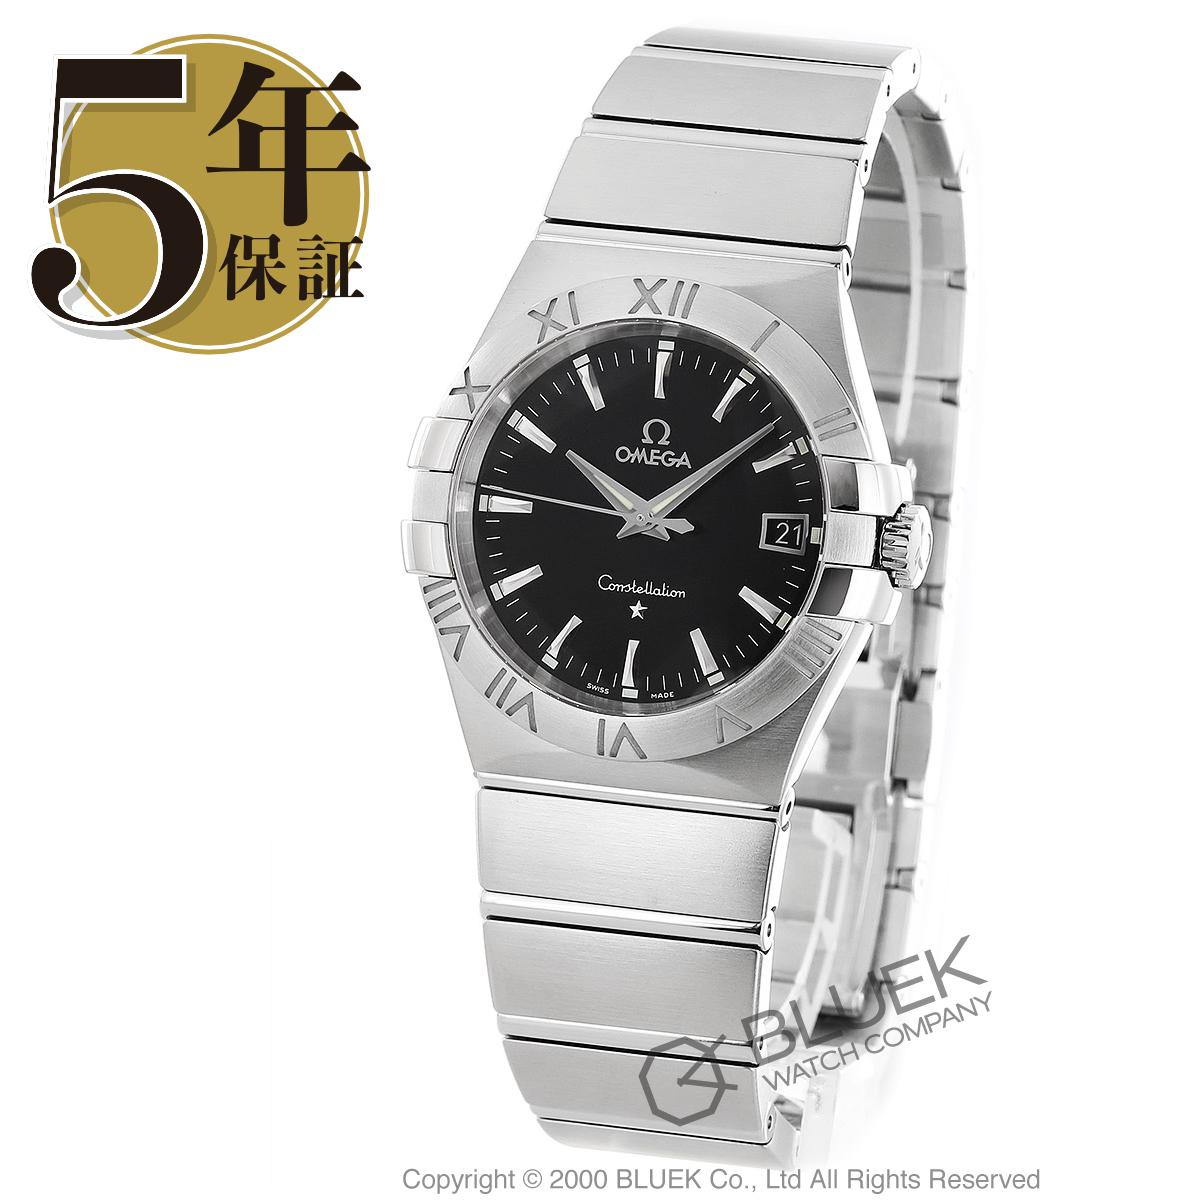 オメガ コンステレーション ブラッシュ 腕時計 メンズ OMEGA 123.10.35.60.01.001_8 バーゲン ギフト プレゼント